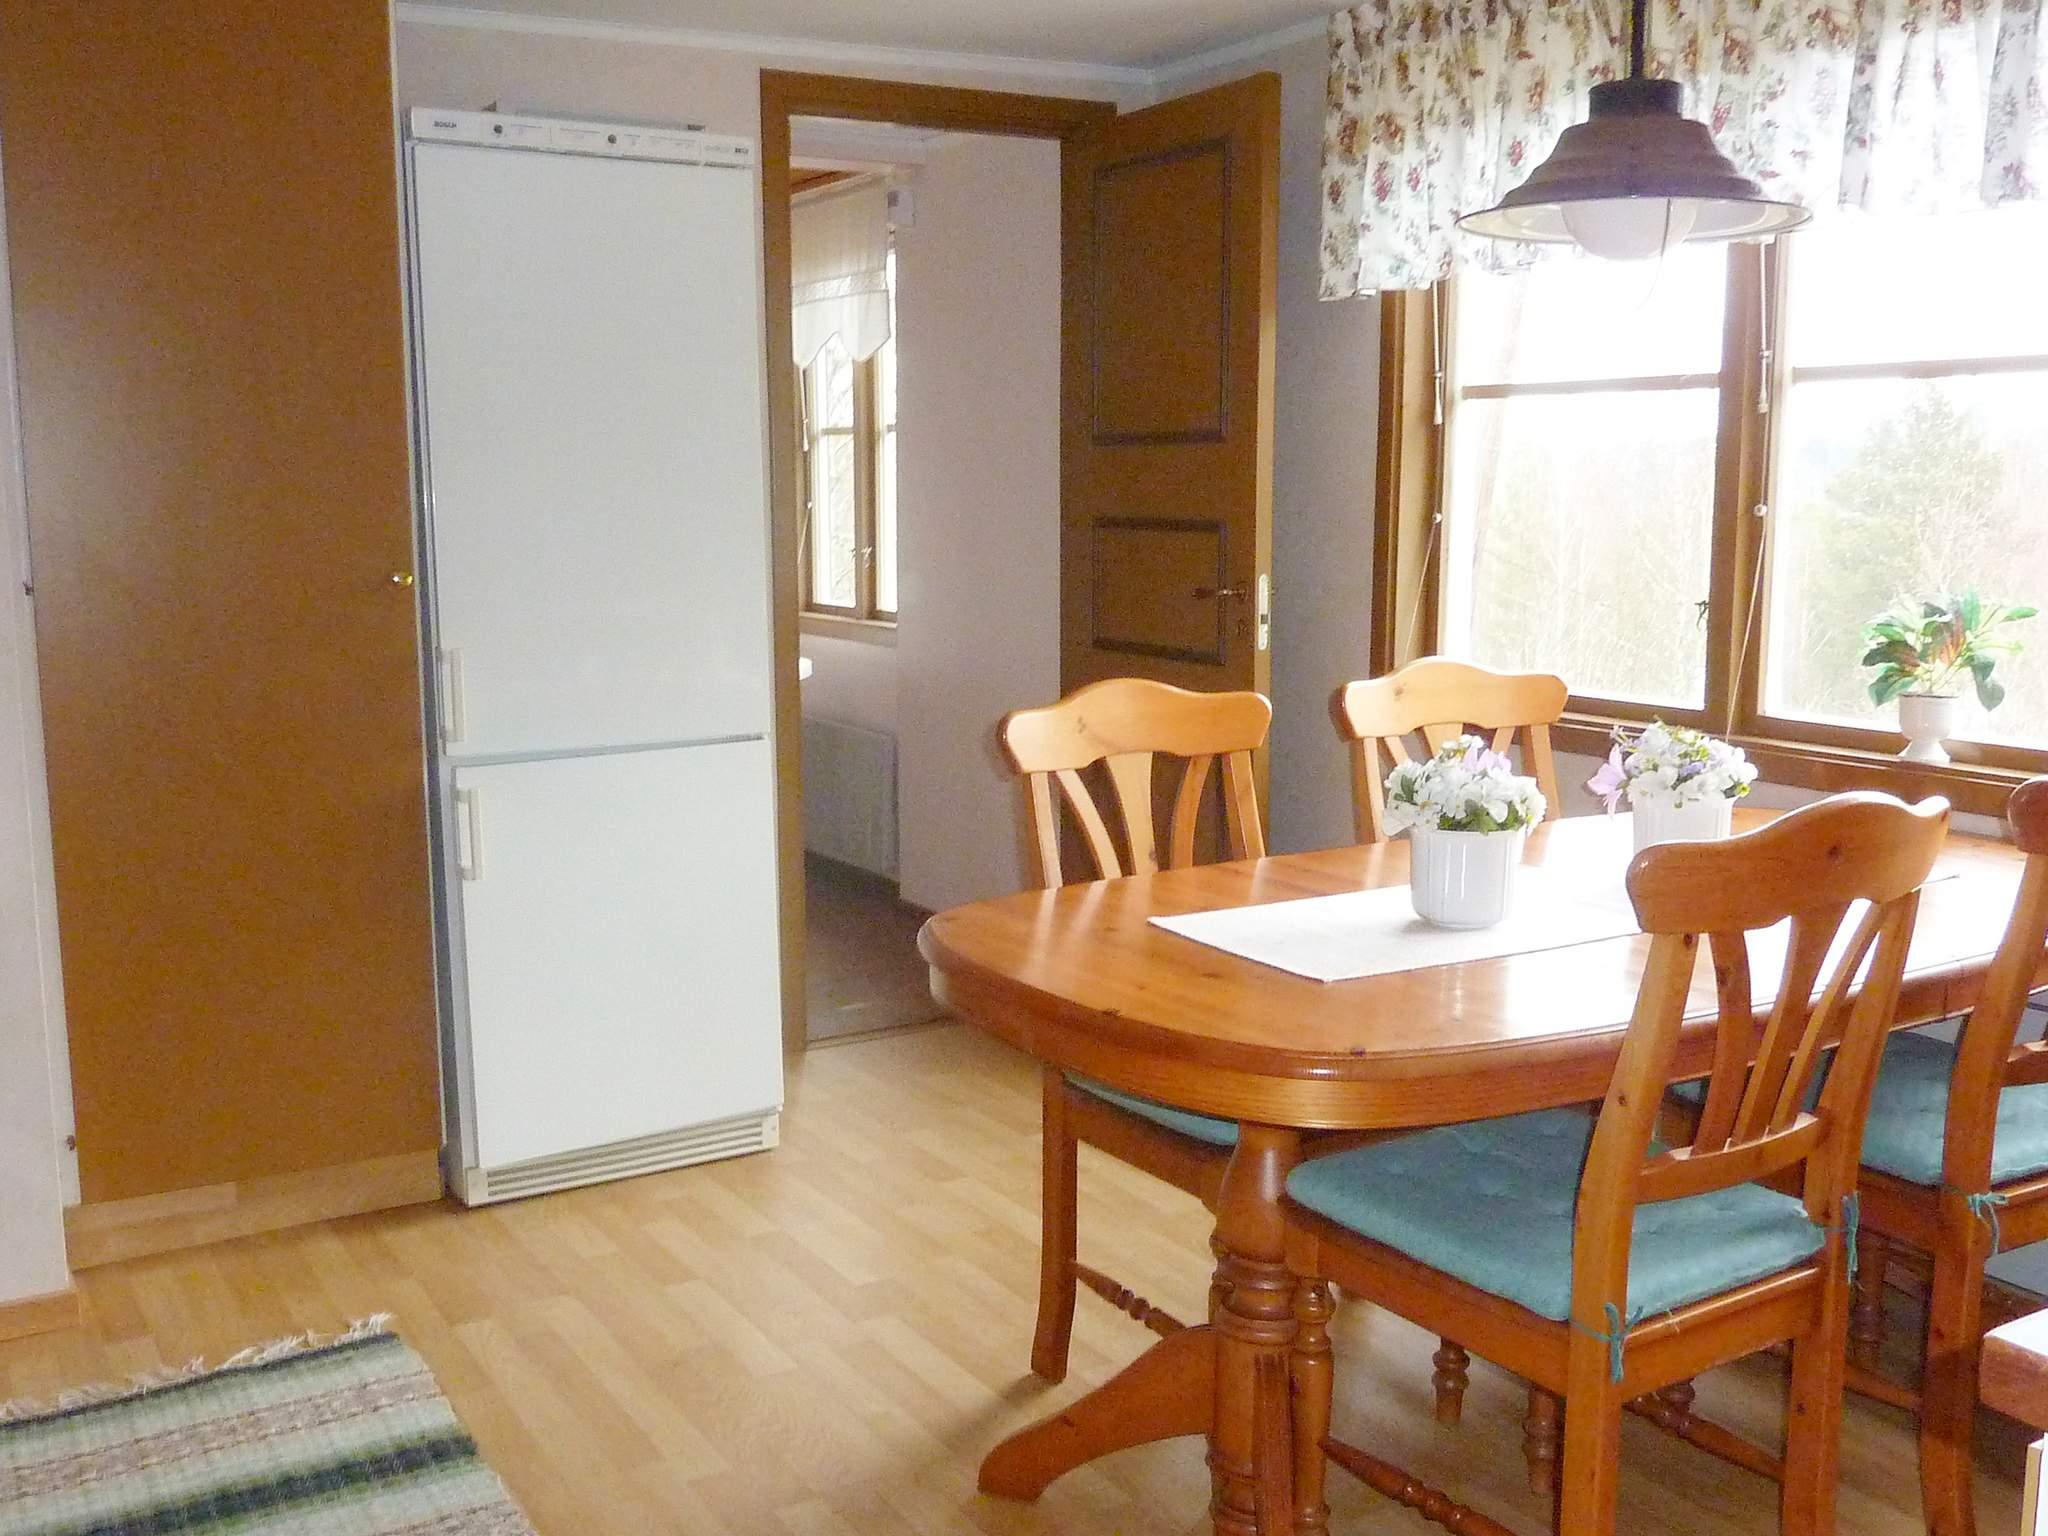 Ferienhaus Pauliström (630877), Pauliström, Jönköpings län, Südschweden, Schweden, Bild 4